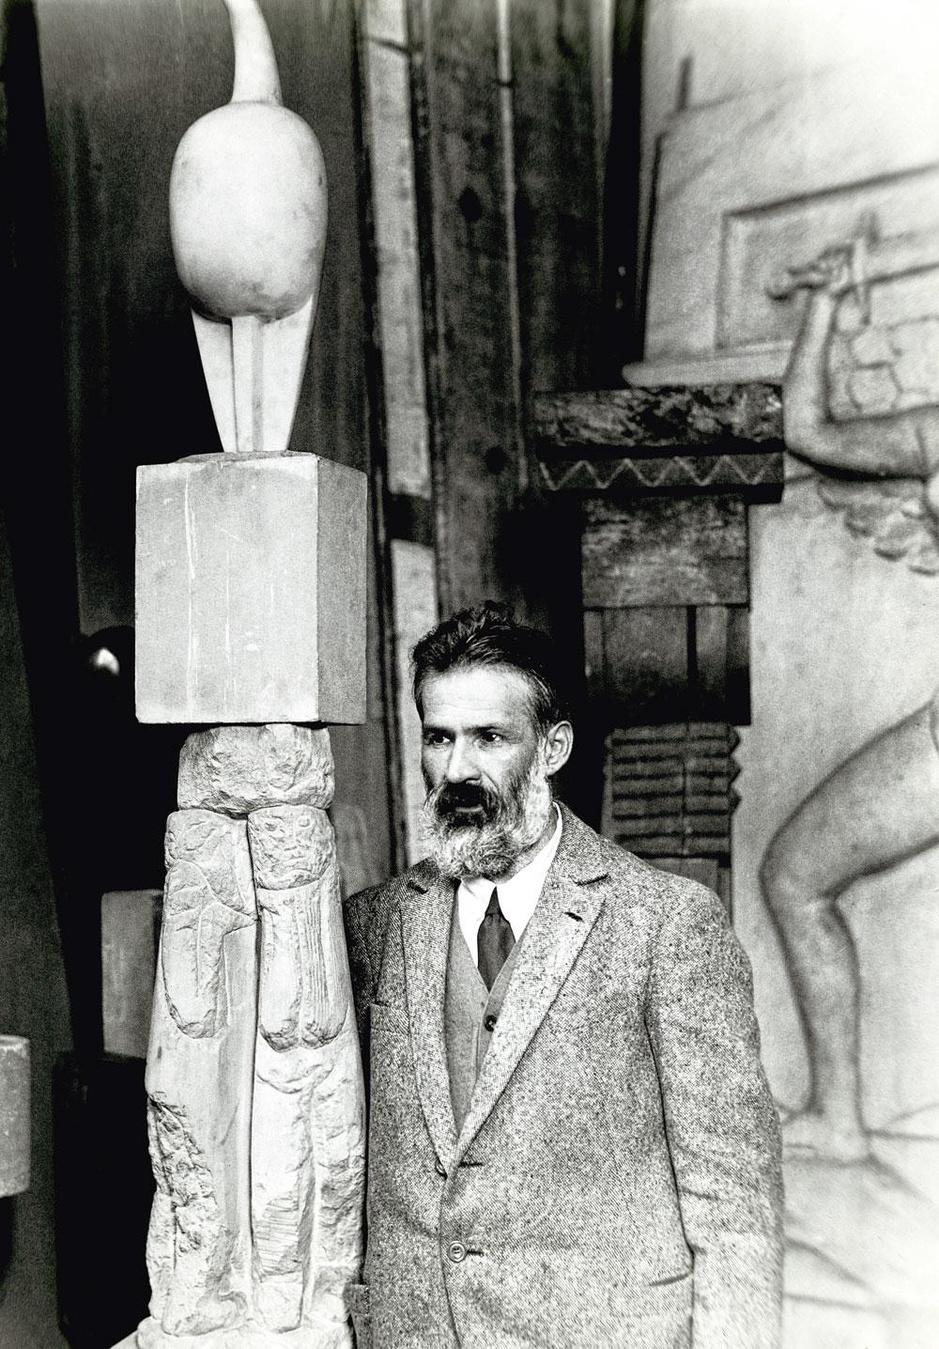 Europalia eert Constantin Brancusi: portret van een onzichtbare meester